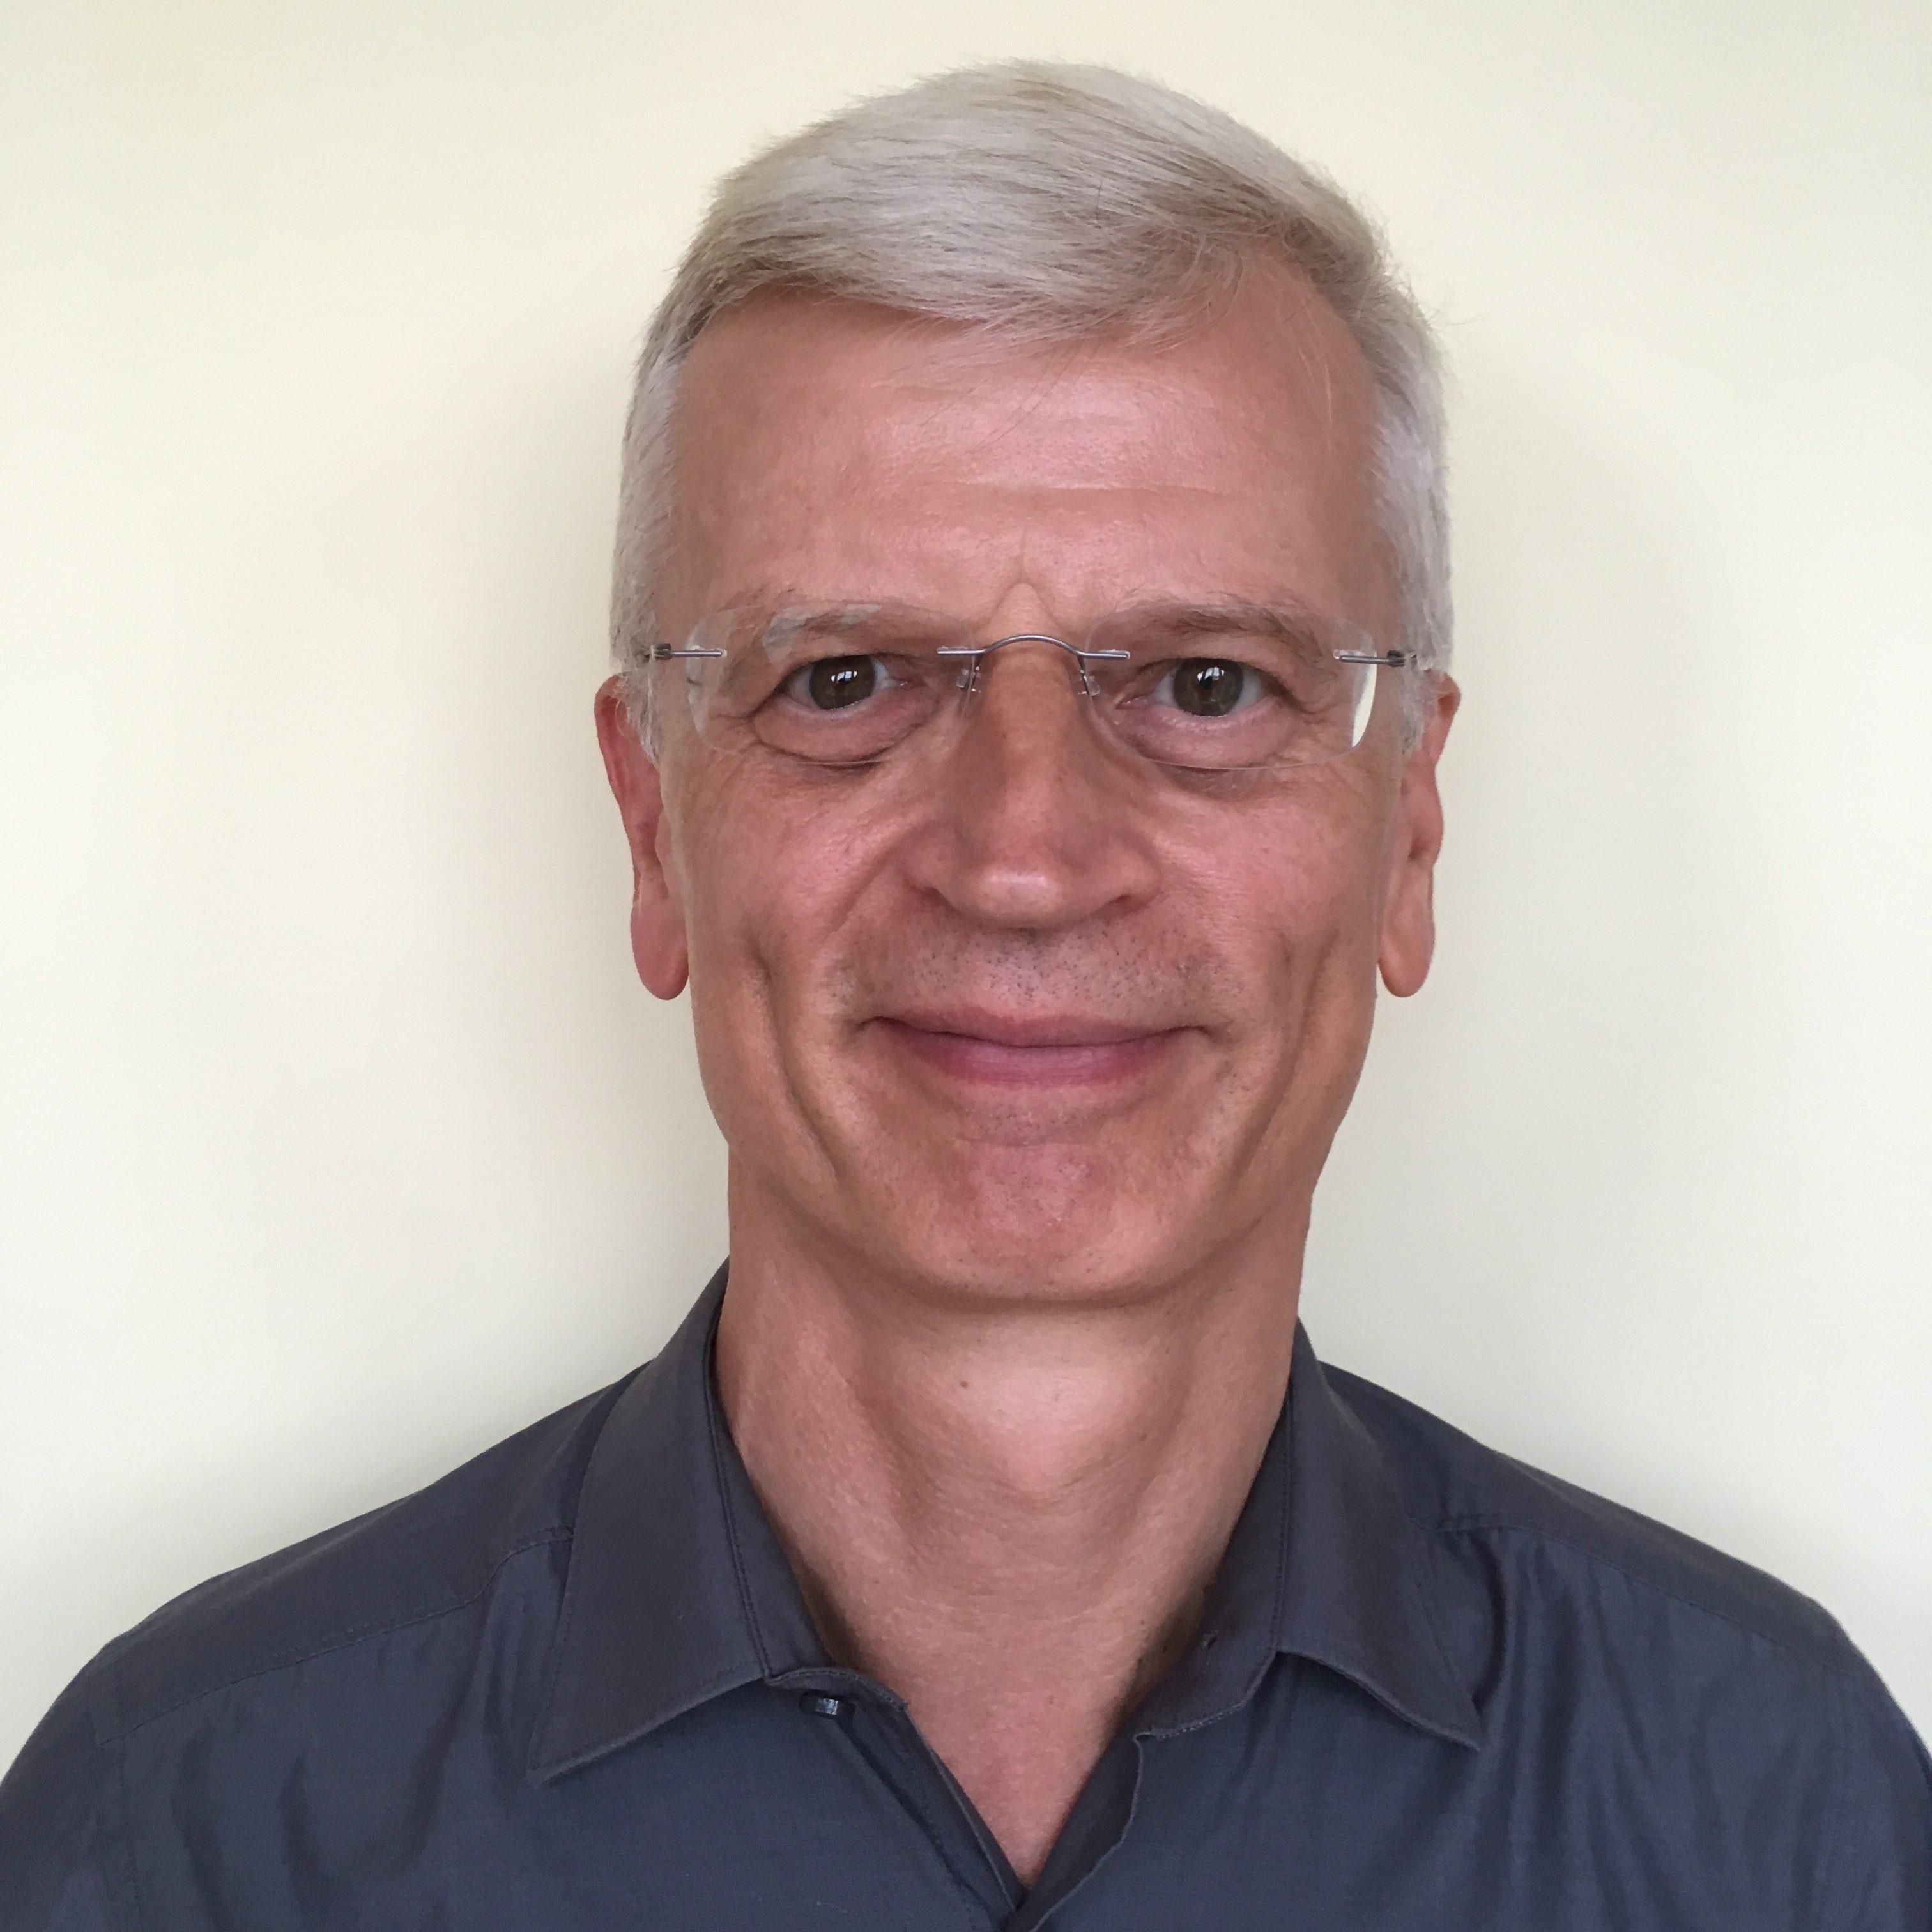 Portrait-Foto von Prof Dr. Ulrich Eisenecker